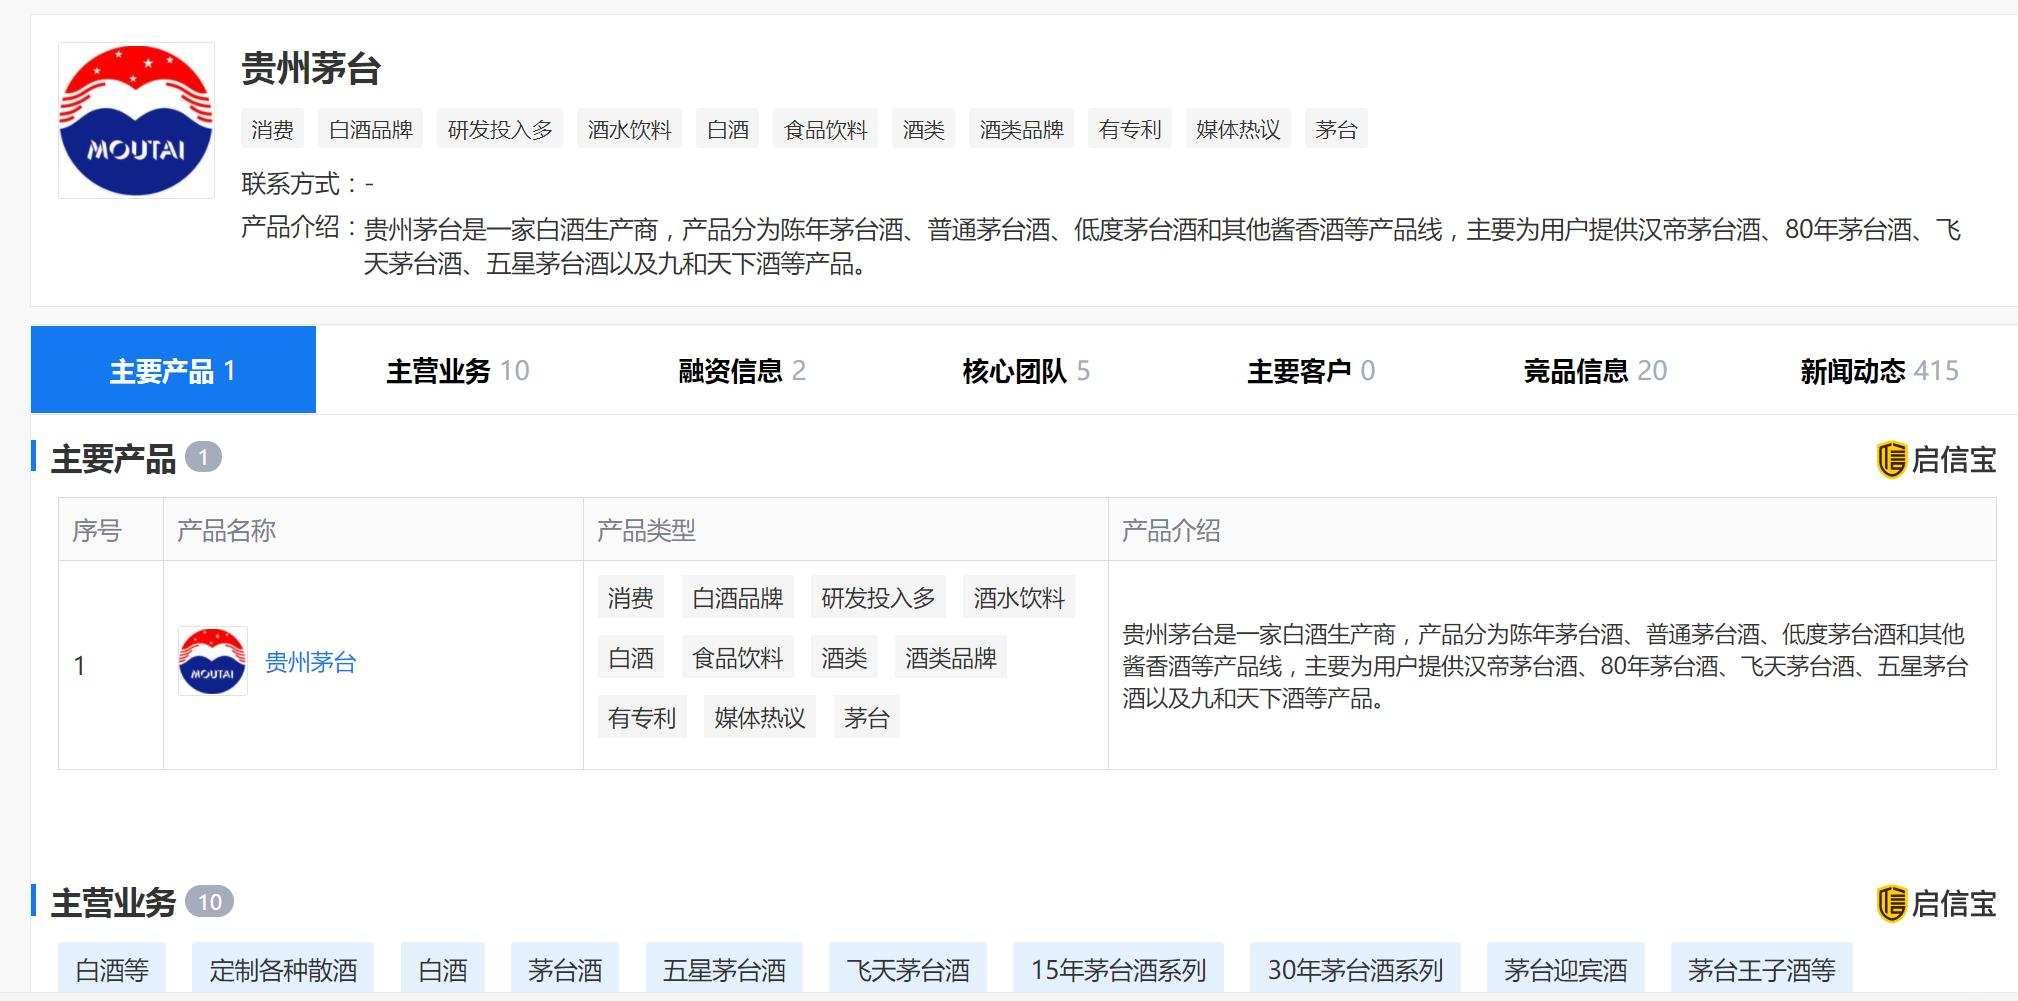 贵州茅台跌入技术性熊市?累计下挫20%,茅台也要不行了吗?